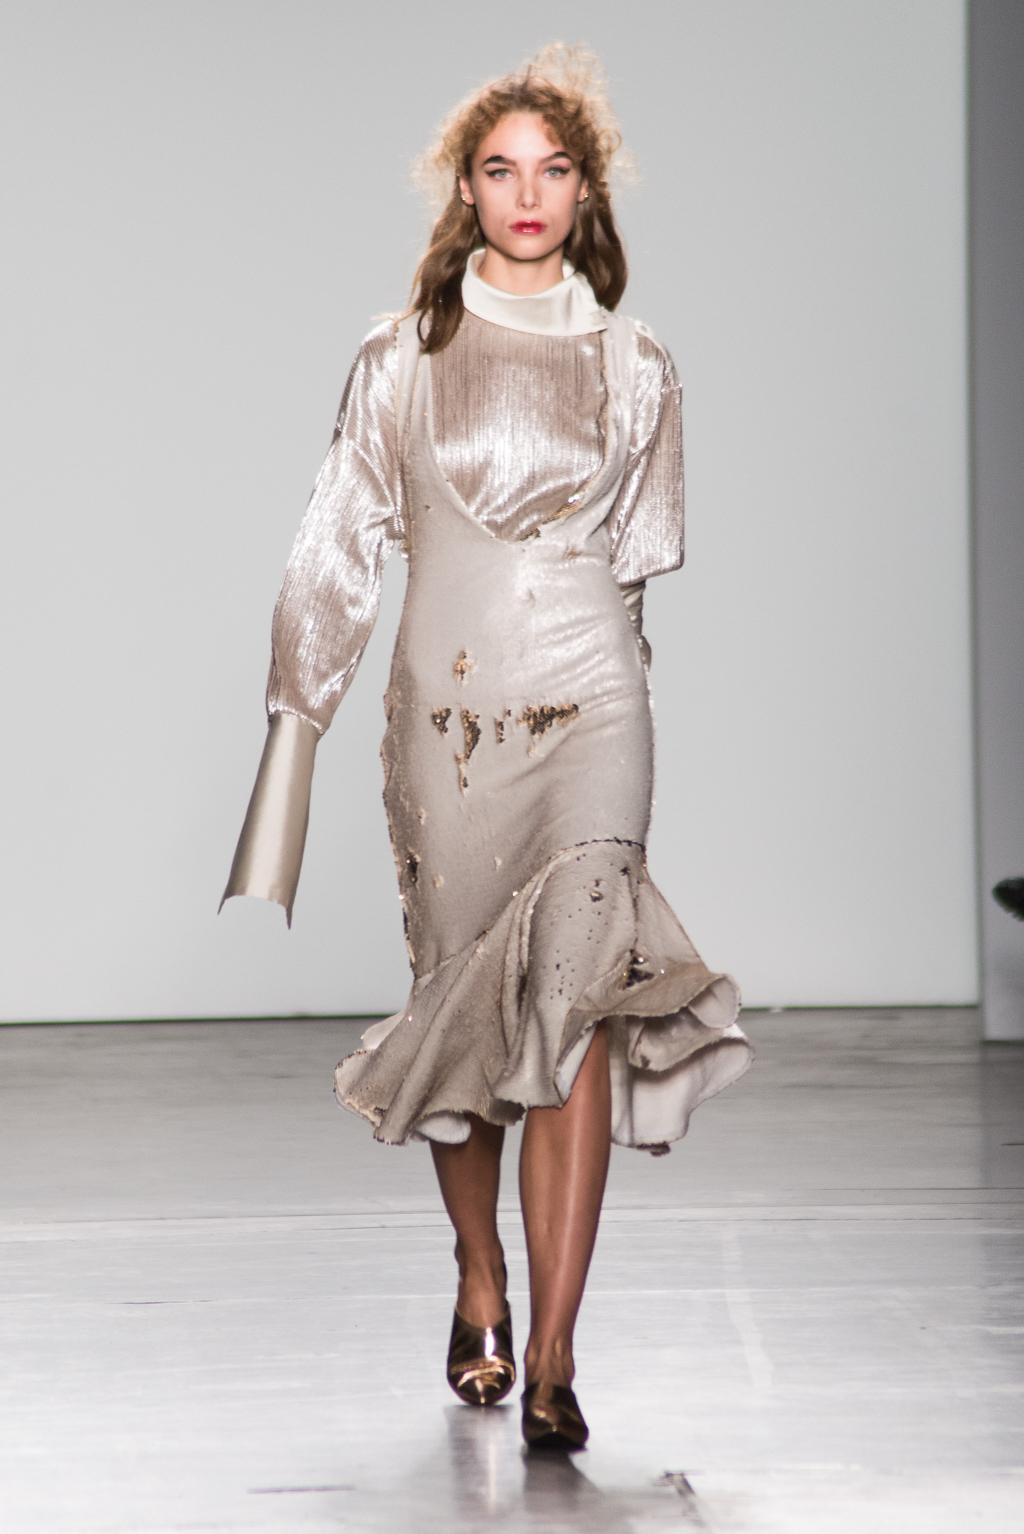 NYFW AW17 - Katty Xiomara - Stephanie BC - The Upcoming - 1